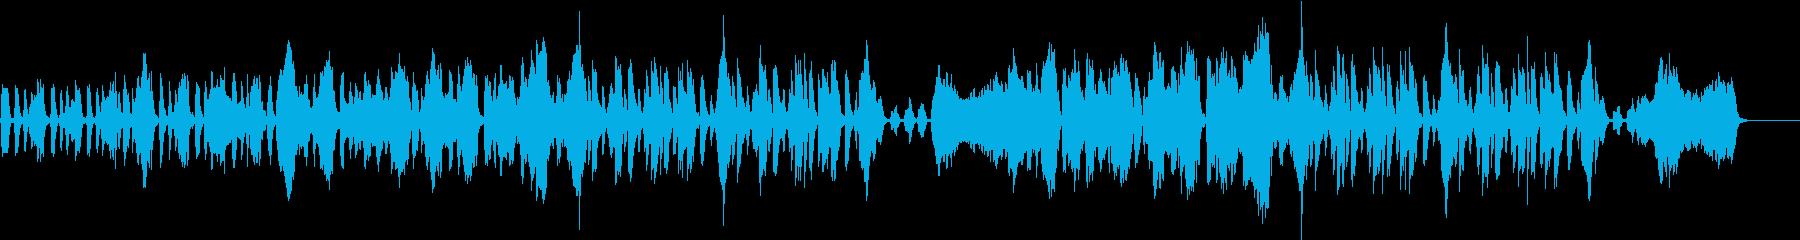 ポップ、爽やか、日常BGM_展開なしの再生済みの波形